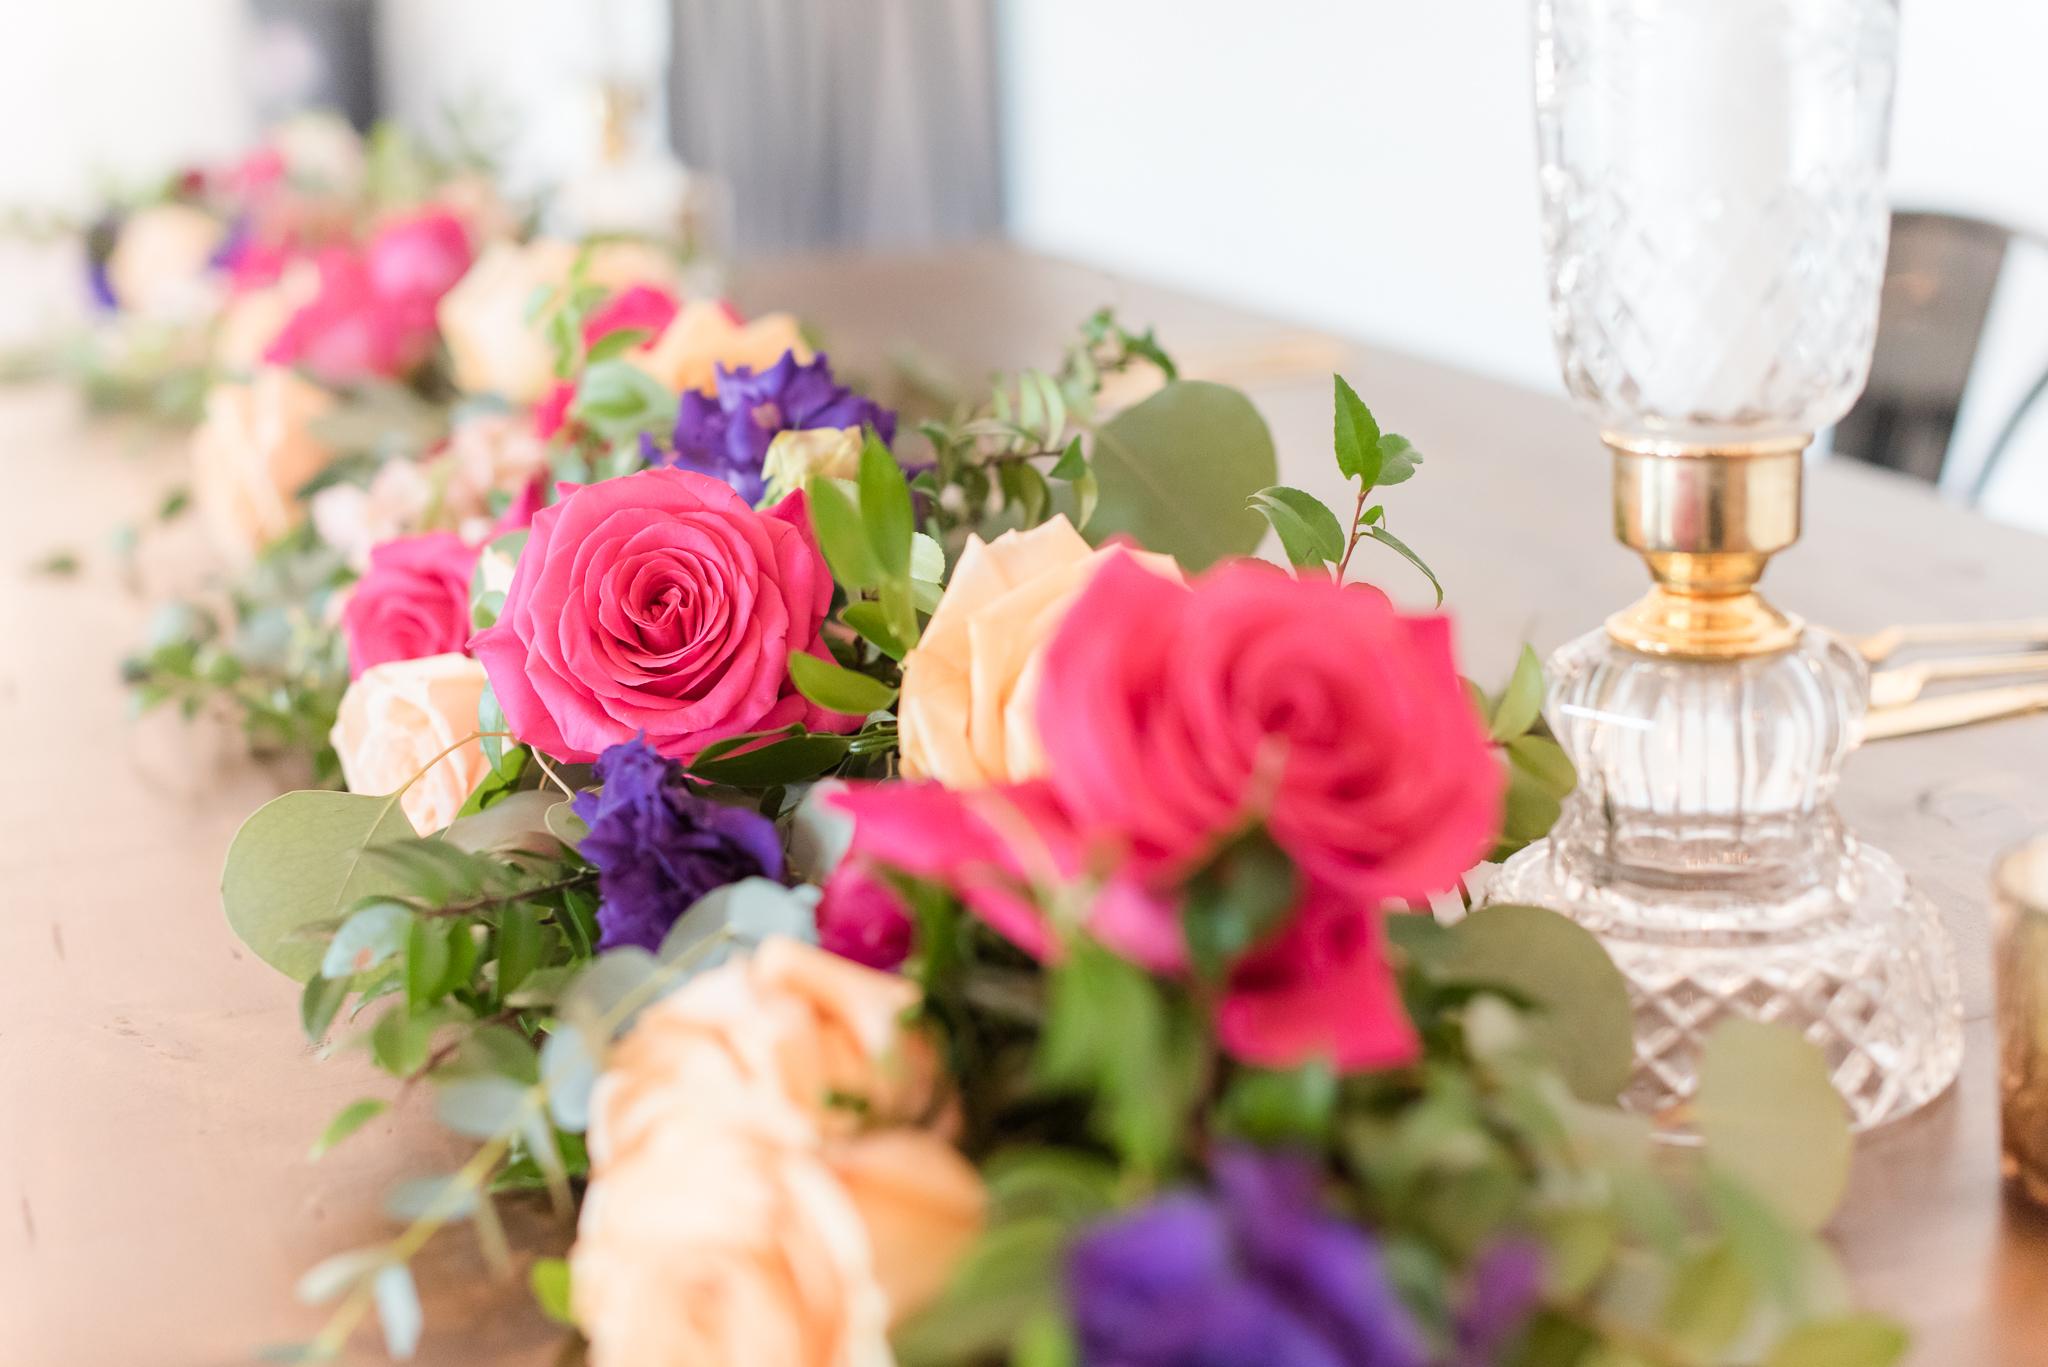 Wedding Reception at Bash in Carmel Indiana7512.jpg